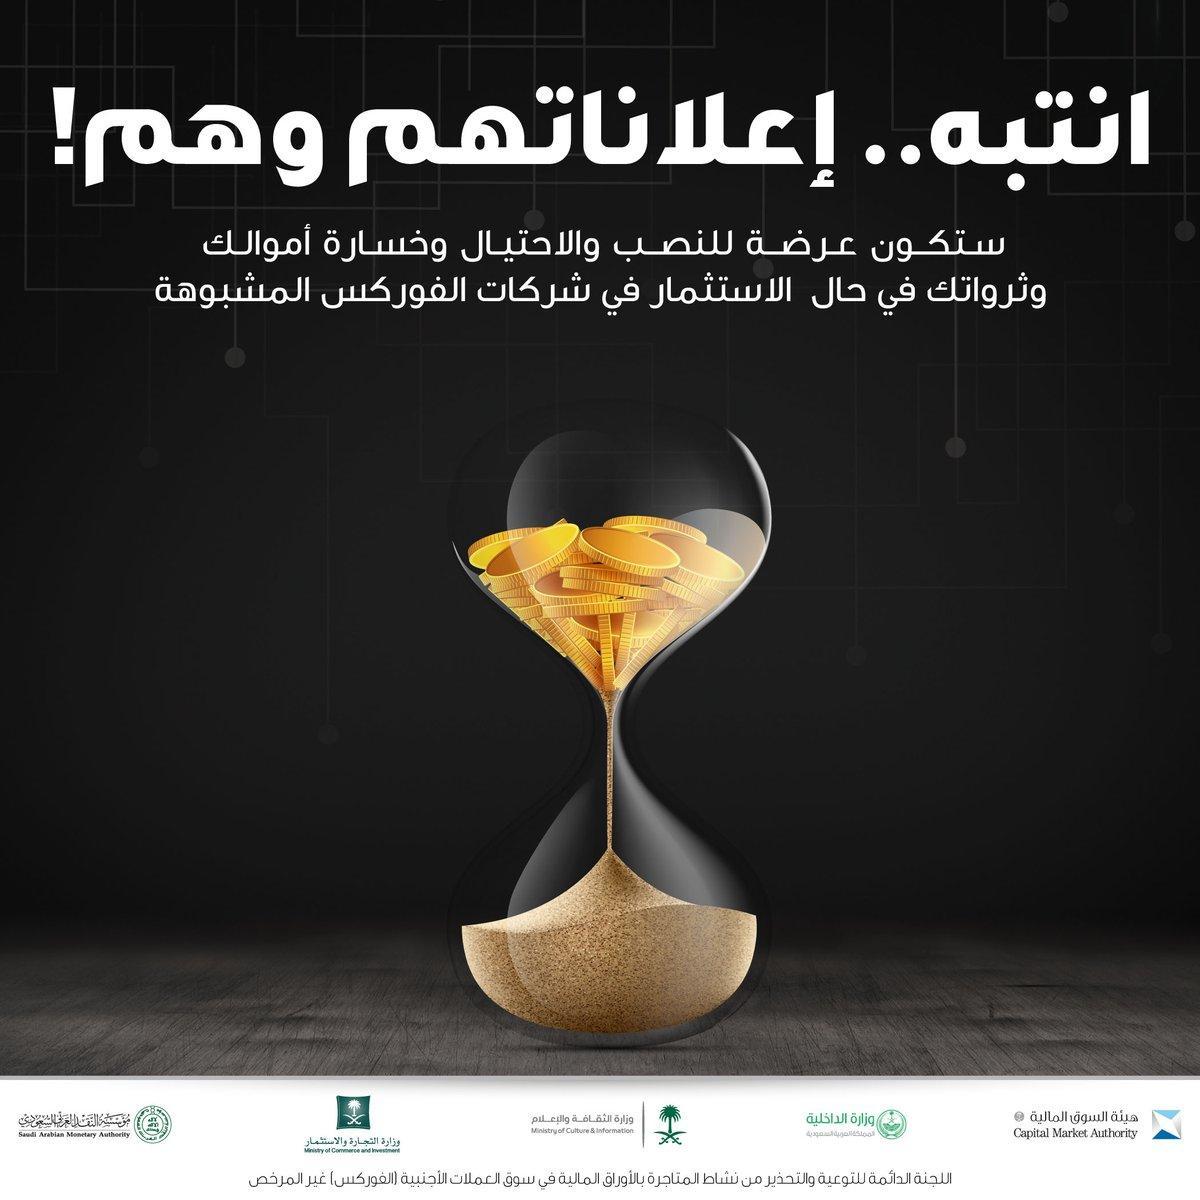 رد: ~¤ô_ô¤~ متابعة هوامير اليومية للسوق السعودي الاربعاء ▼▲ 30 / 05 / 2018~¤ô_ô¤~